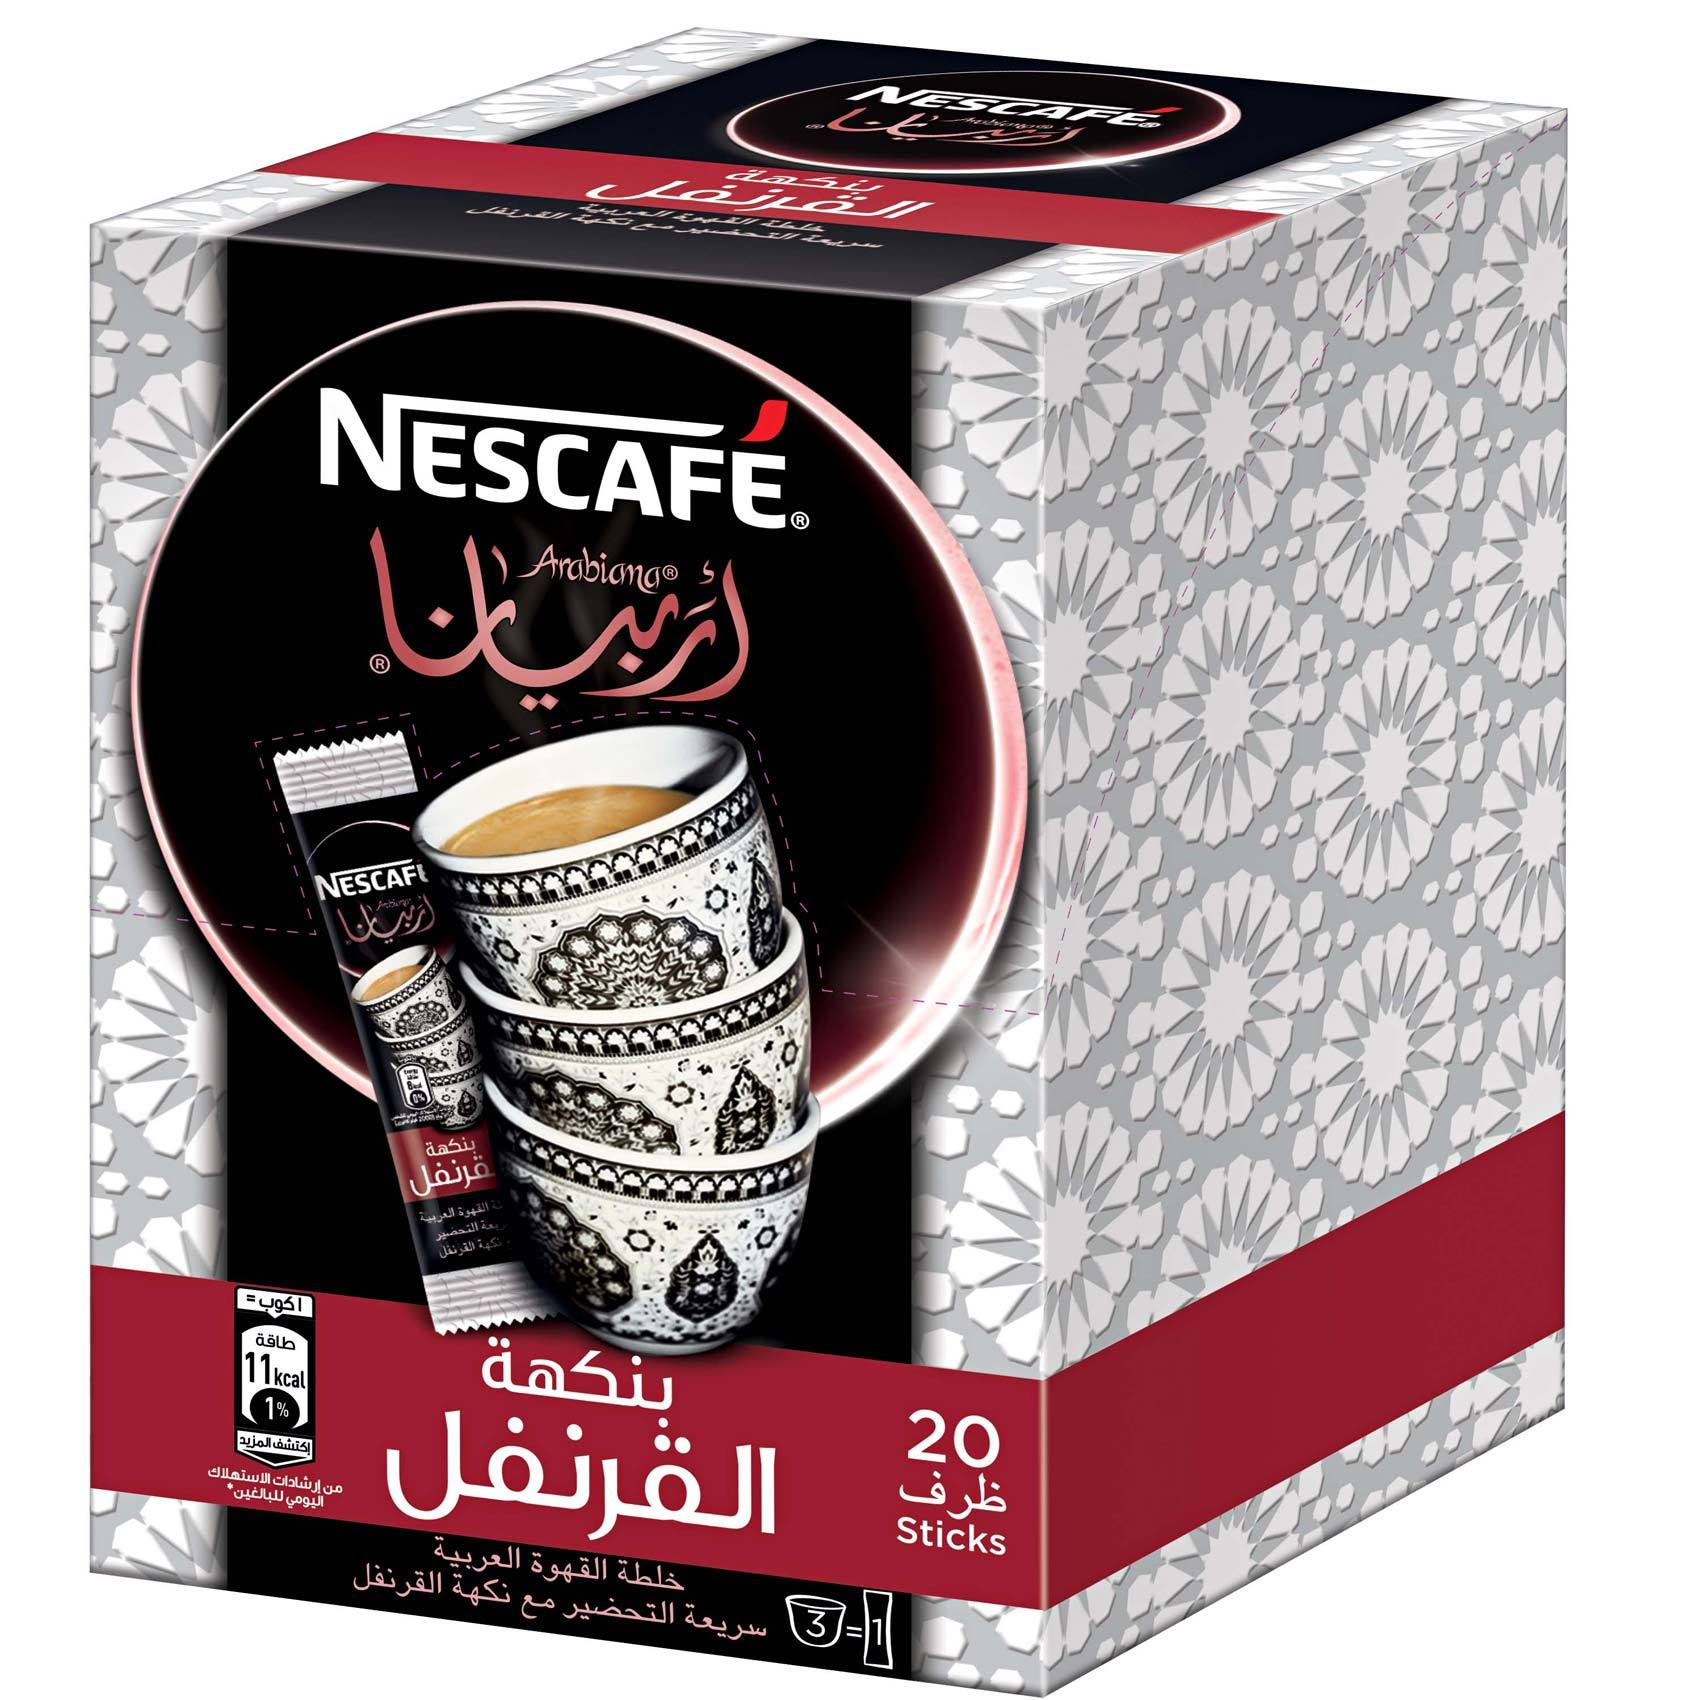 NESCAFE ARABIANA CLOVES 3GX20